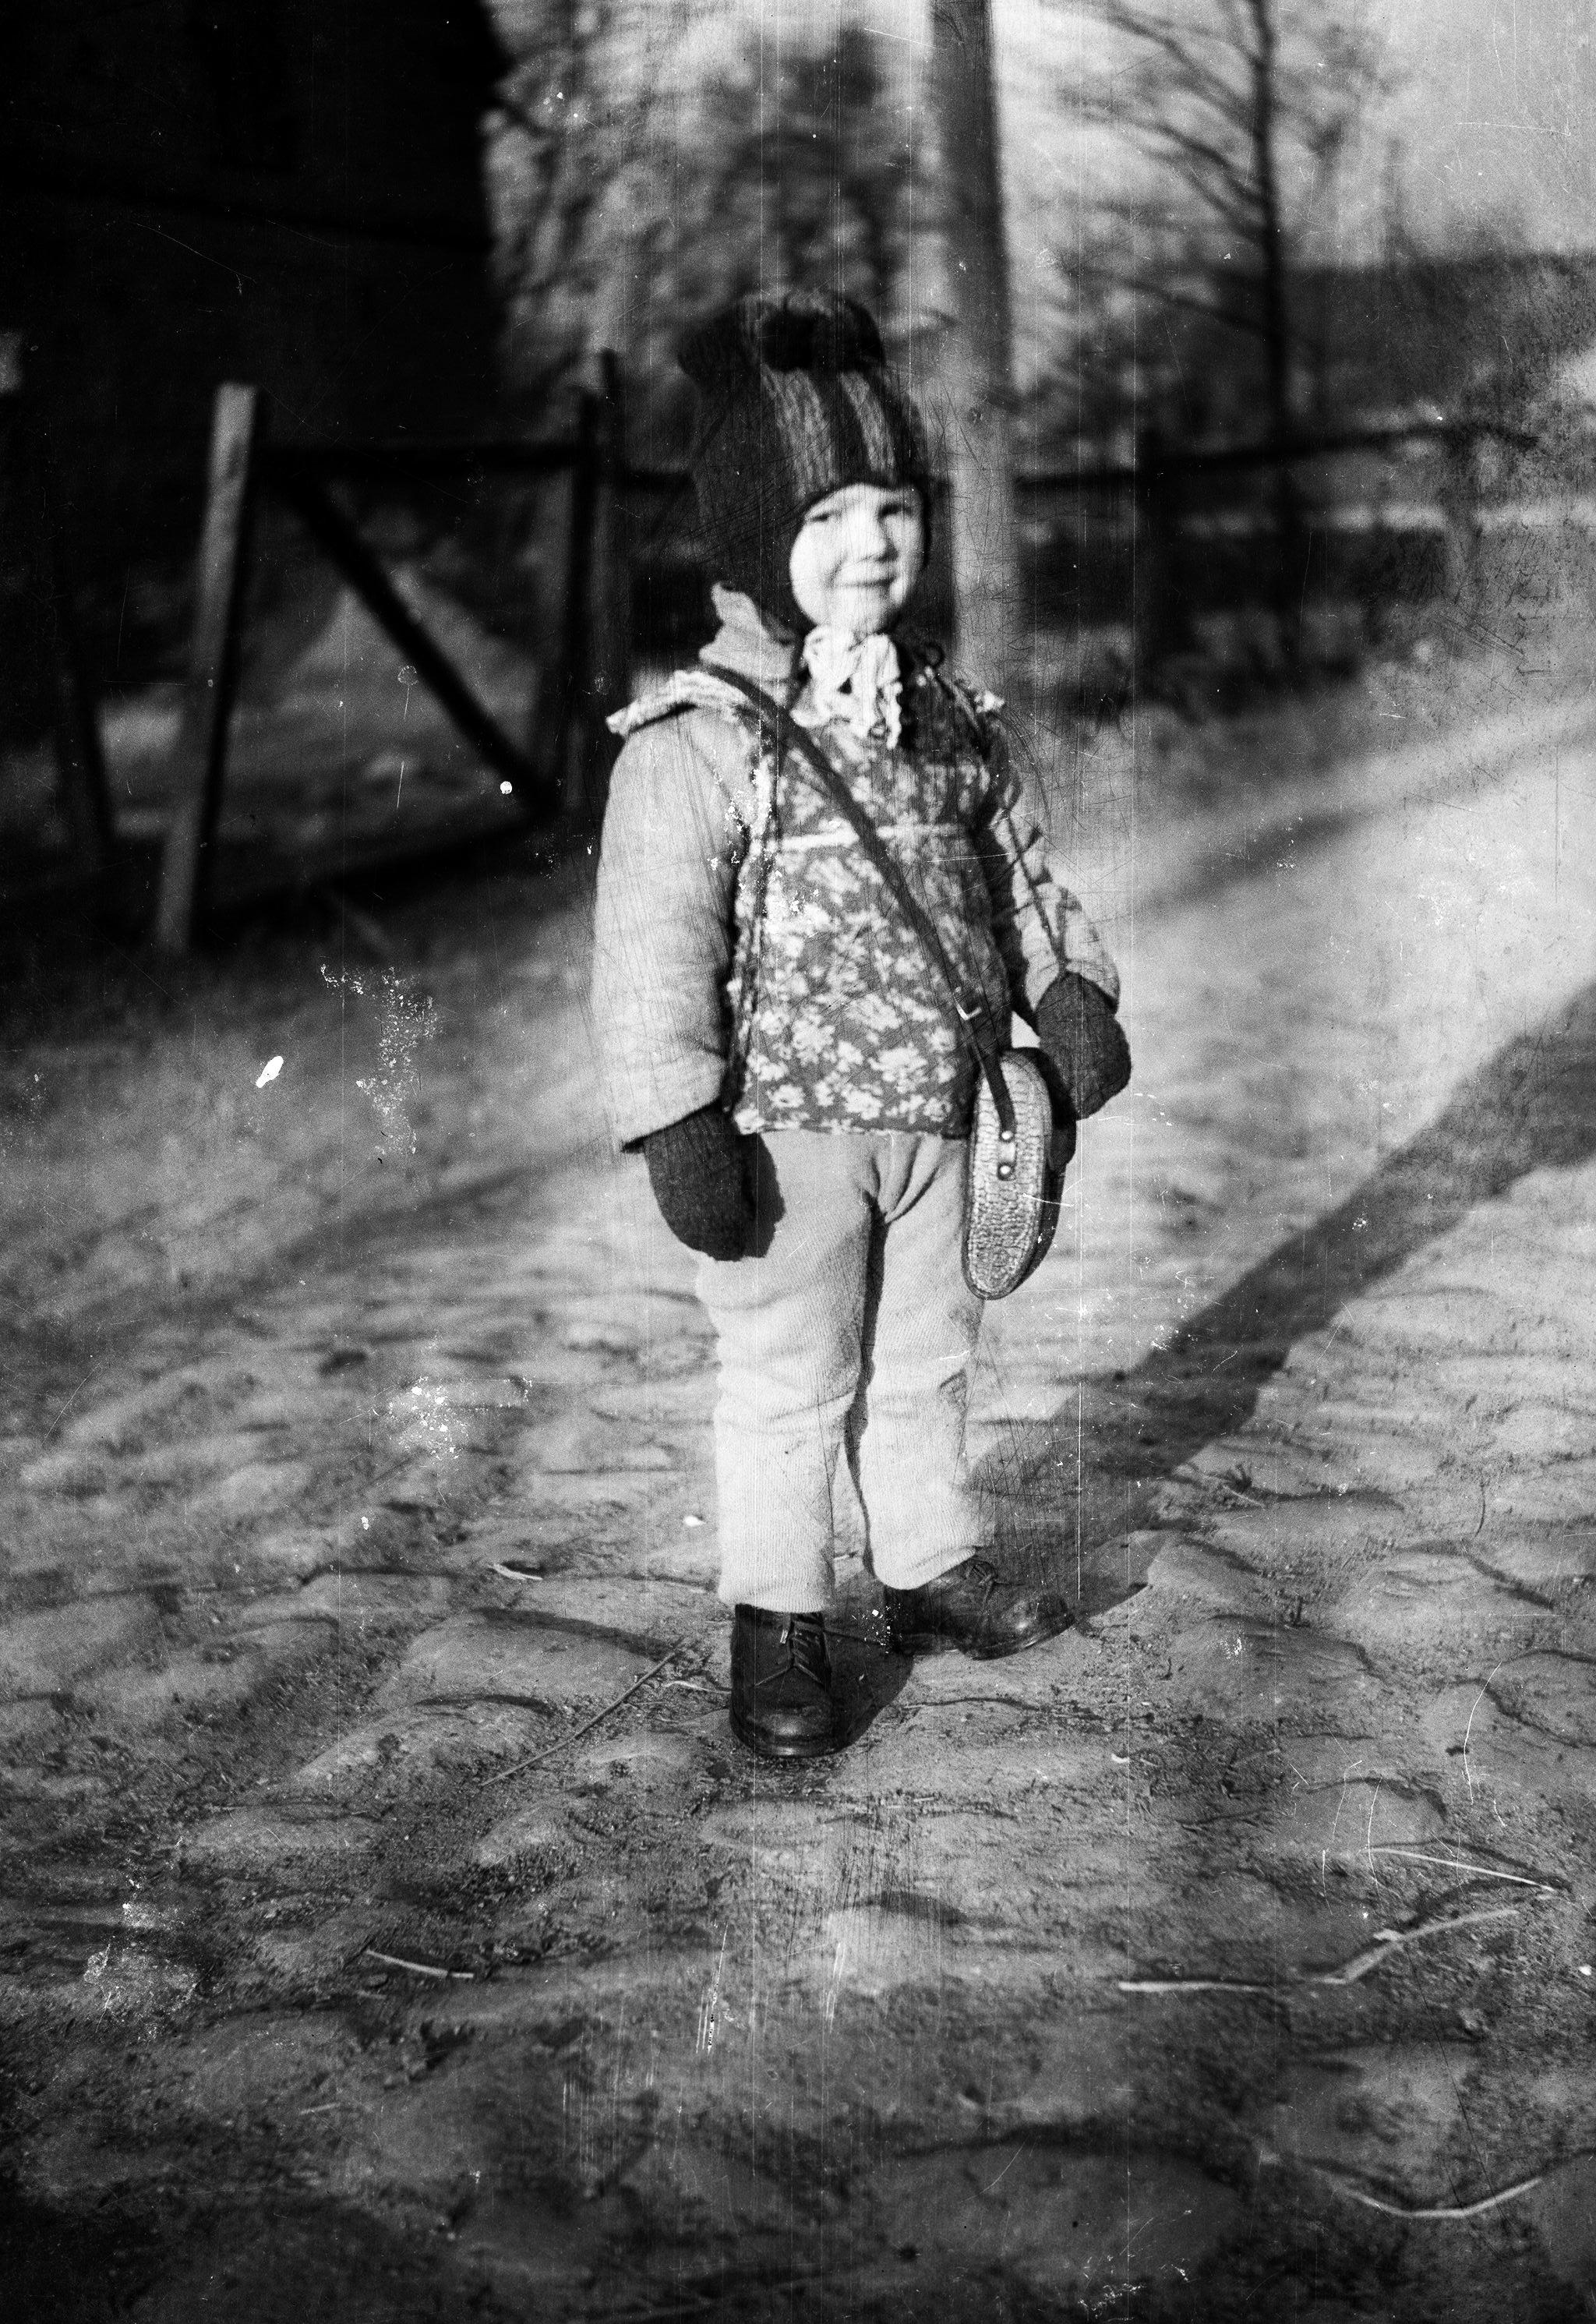 Dziecko na drodze, Dolny Śląsk, 2. poł. XXw.